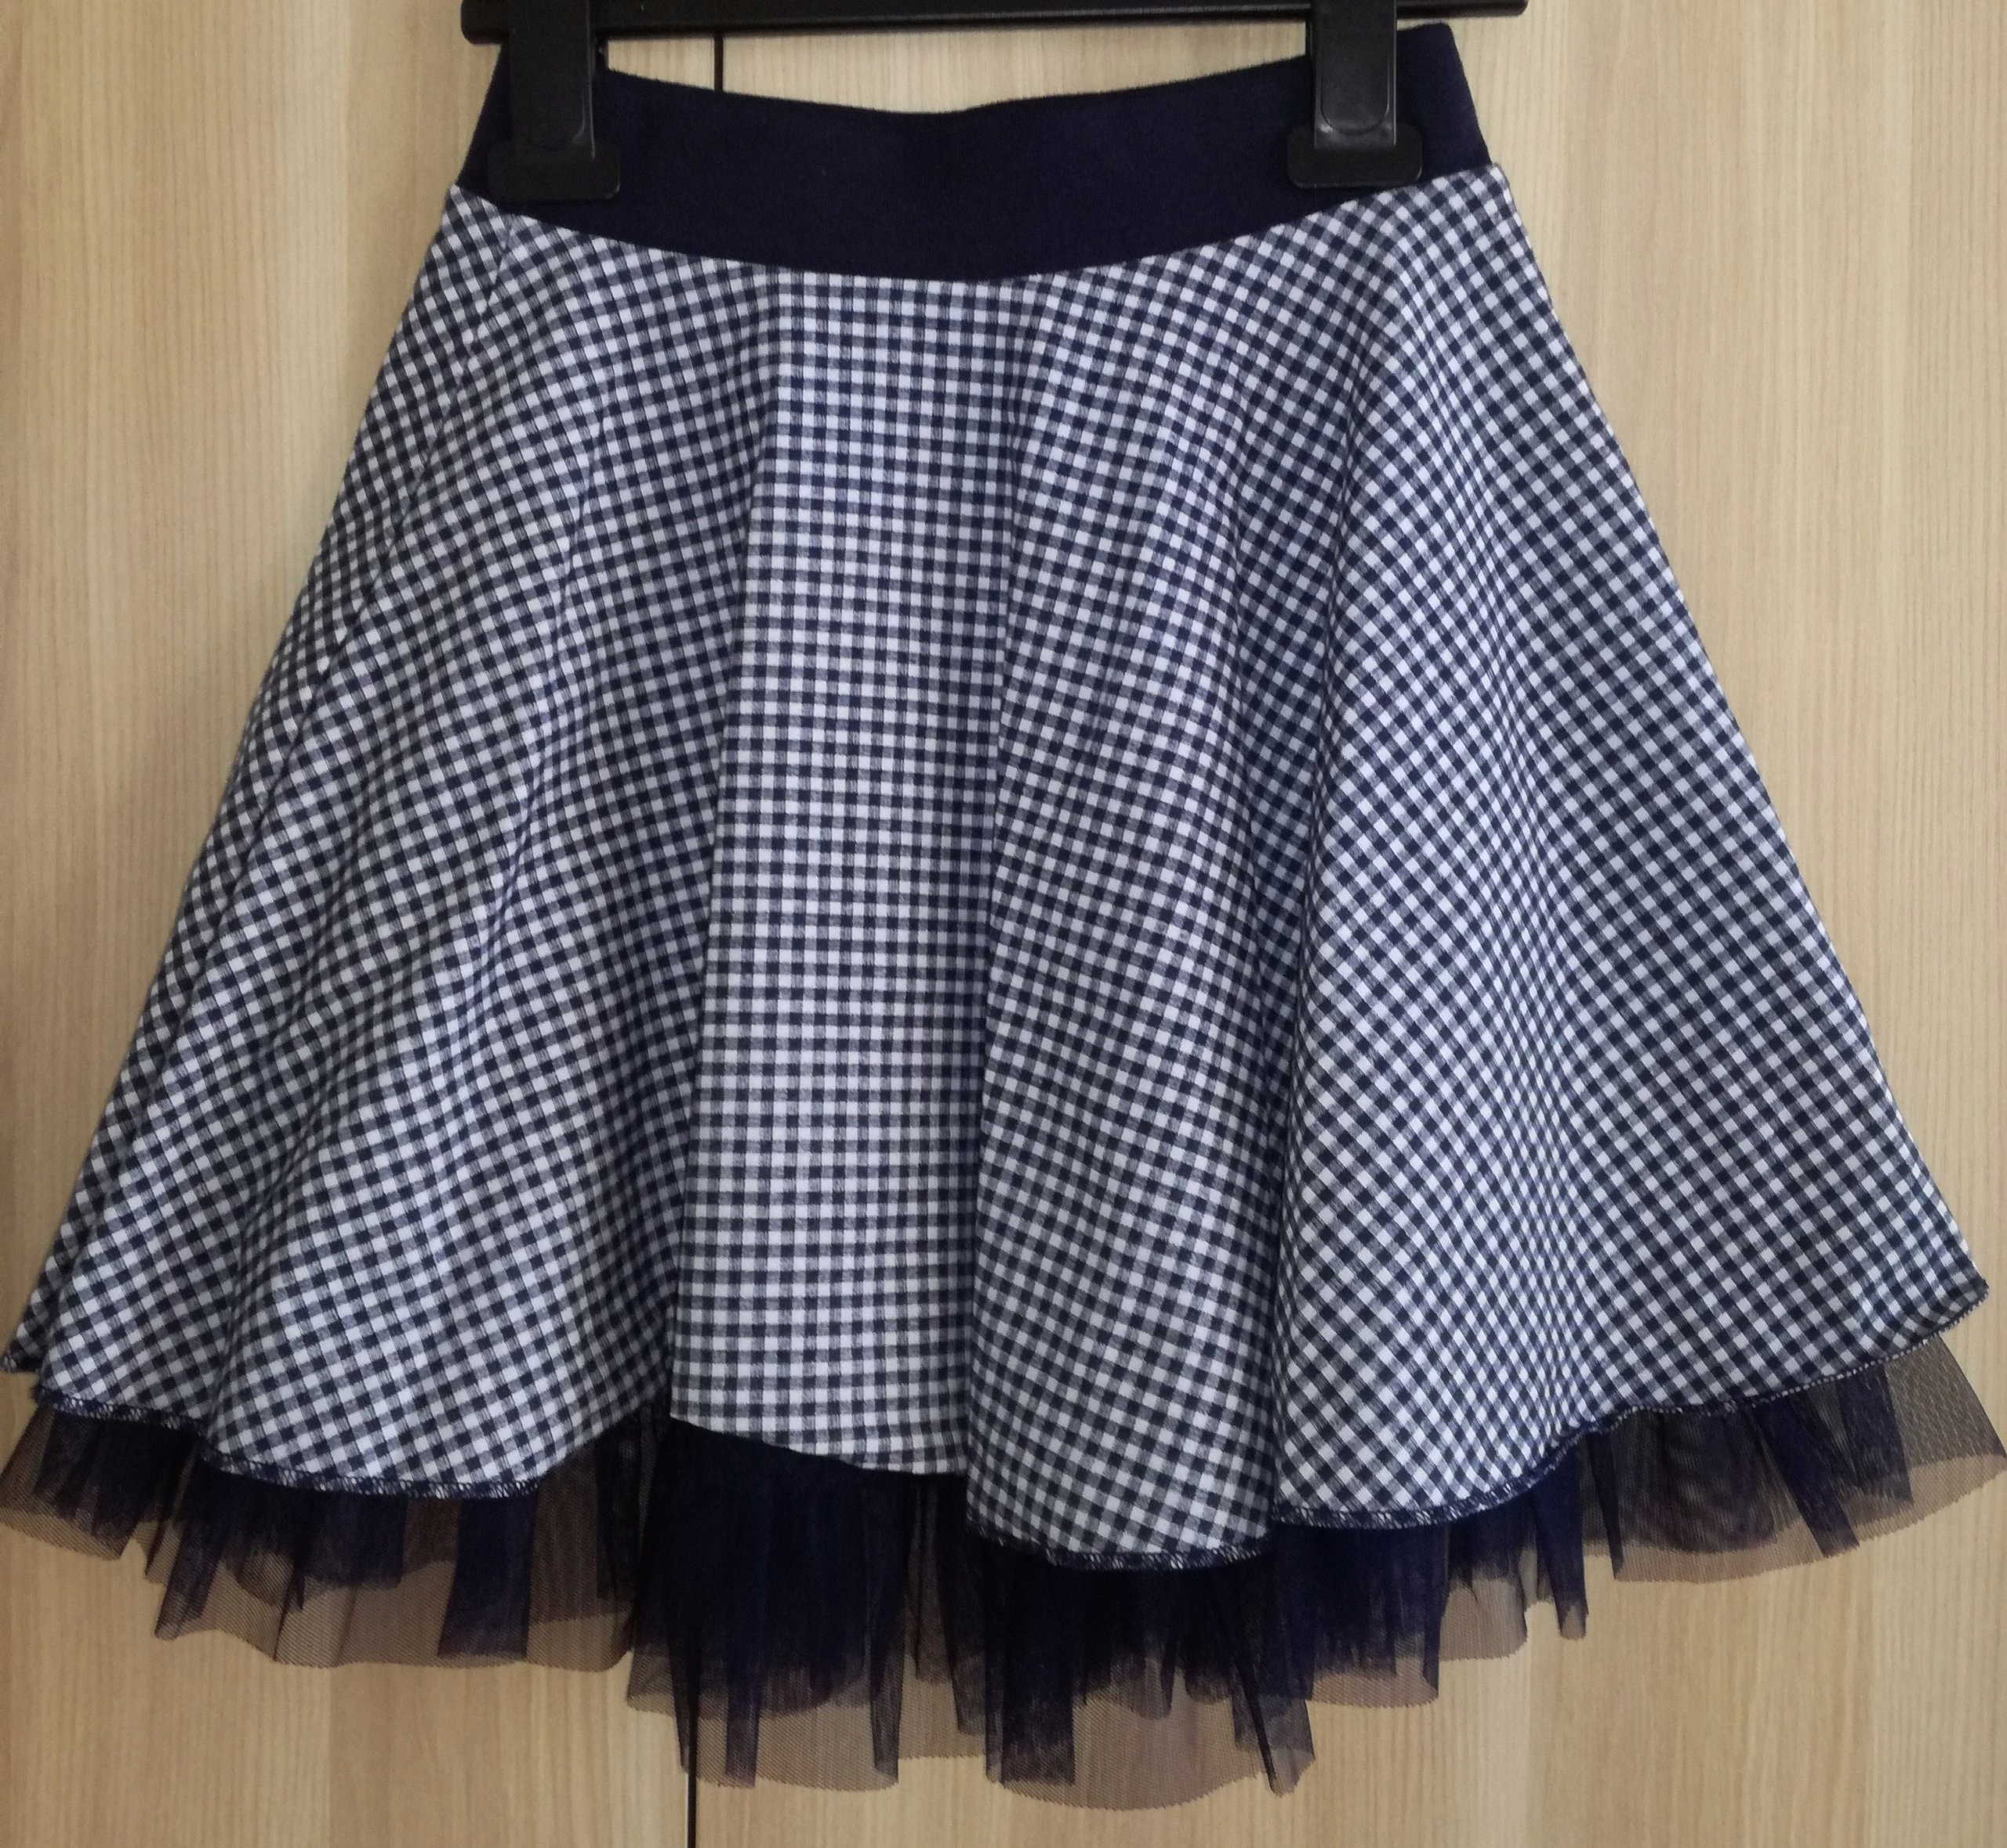 b63ceb70 GRANATOWA spódnica spódniczka jak NOWA r.134/140 - 7369046825 ...